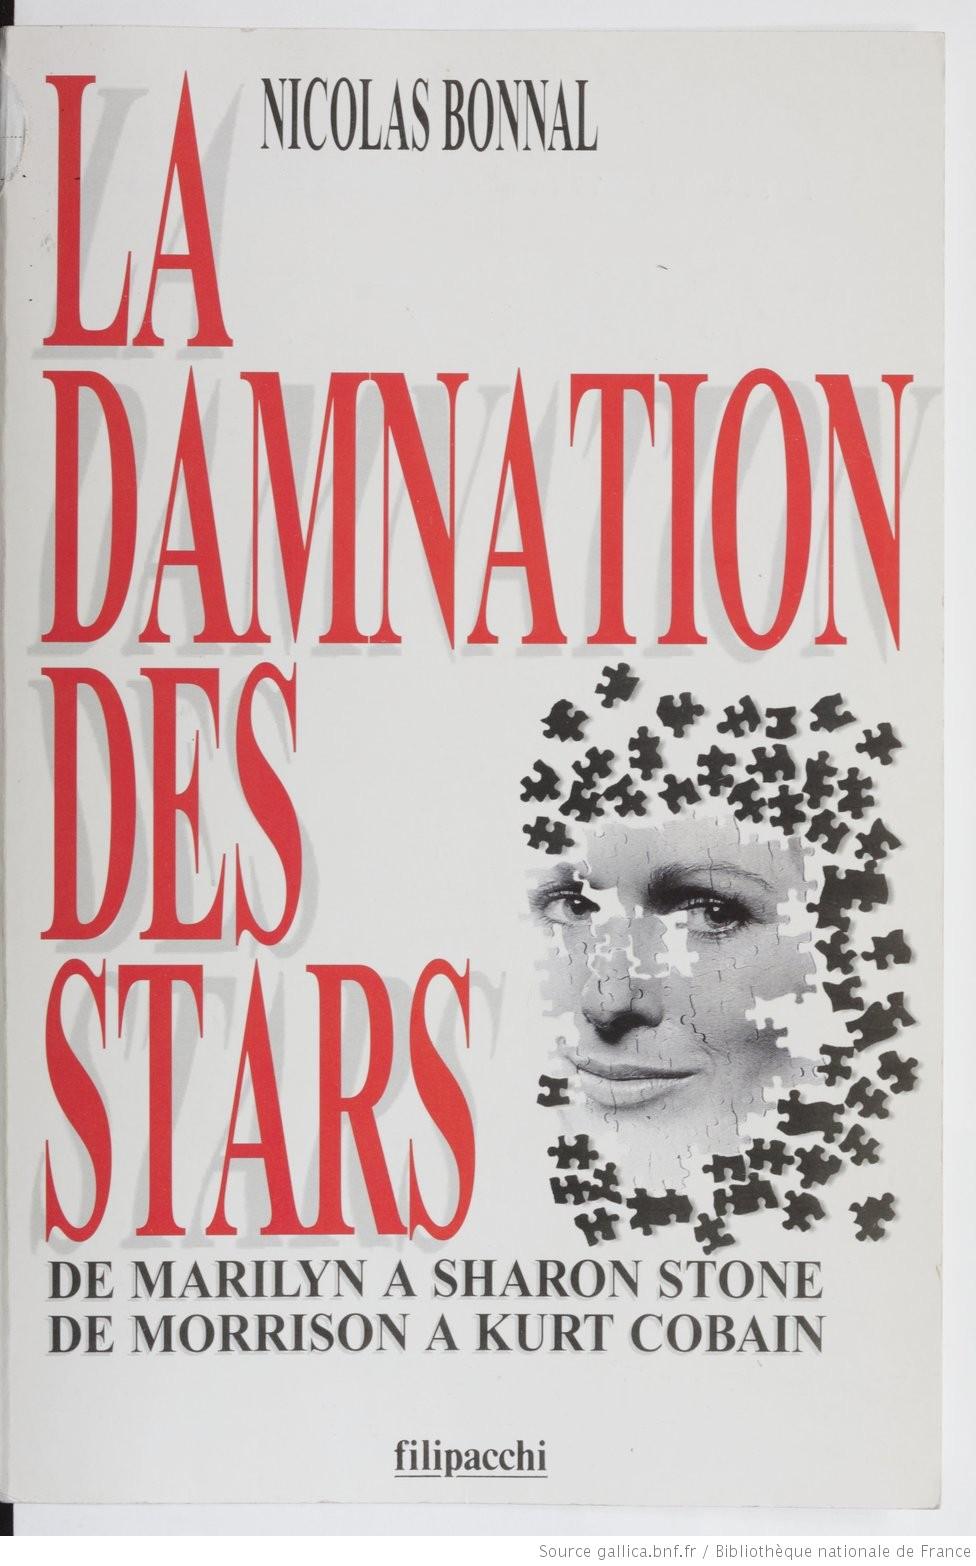 Delon, Depardieu, bardot : pour comprendre le blues des stars, lisez Nicolas Bonnal… chez Filipacchi!